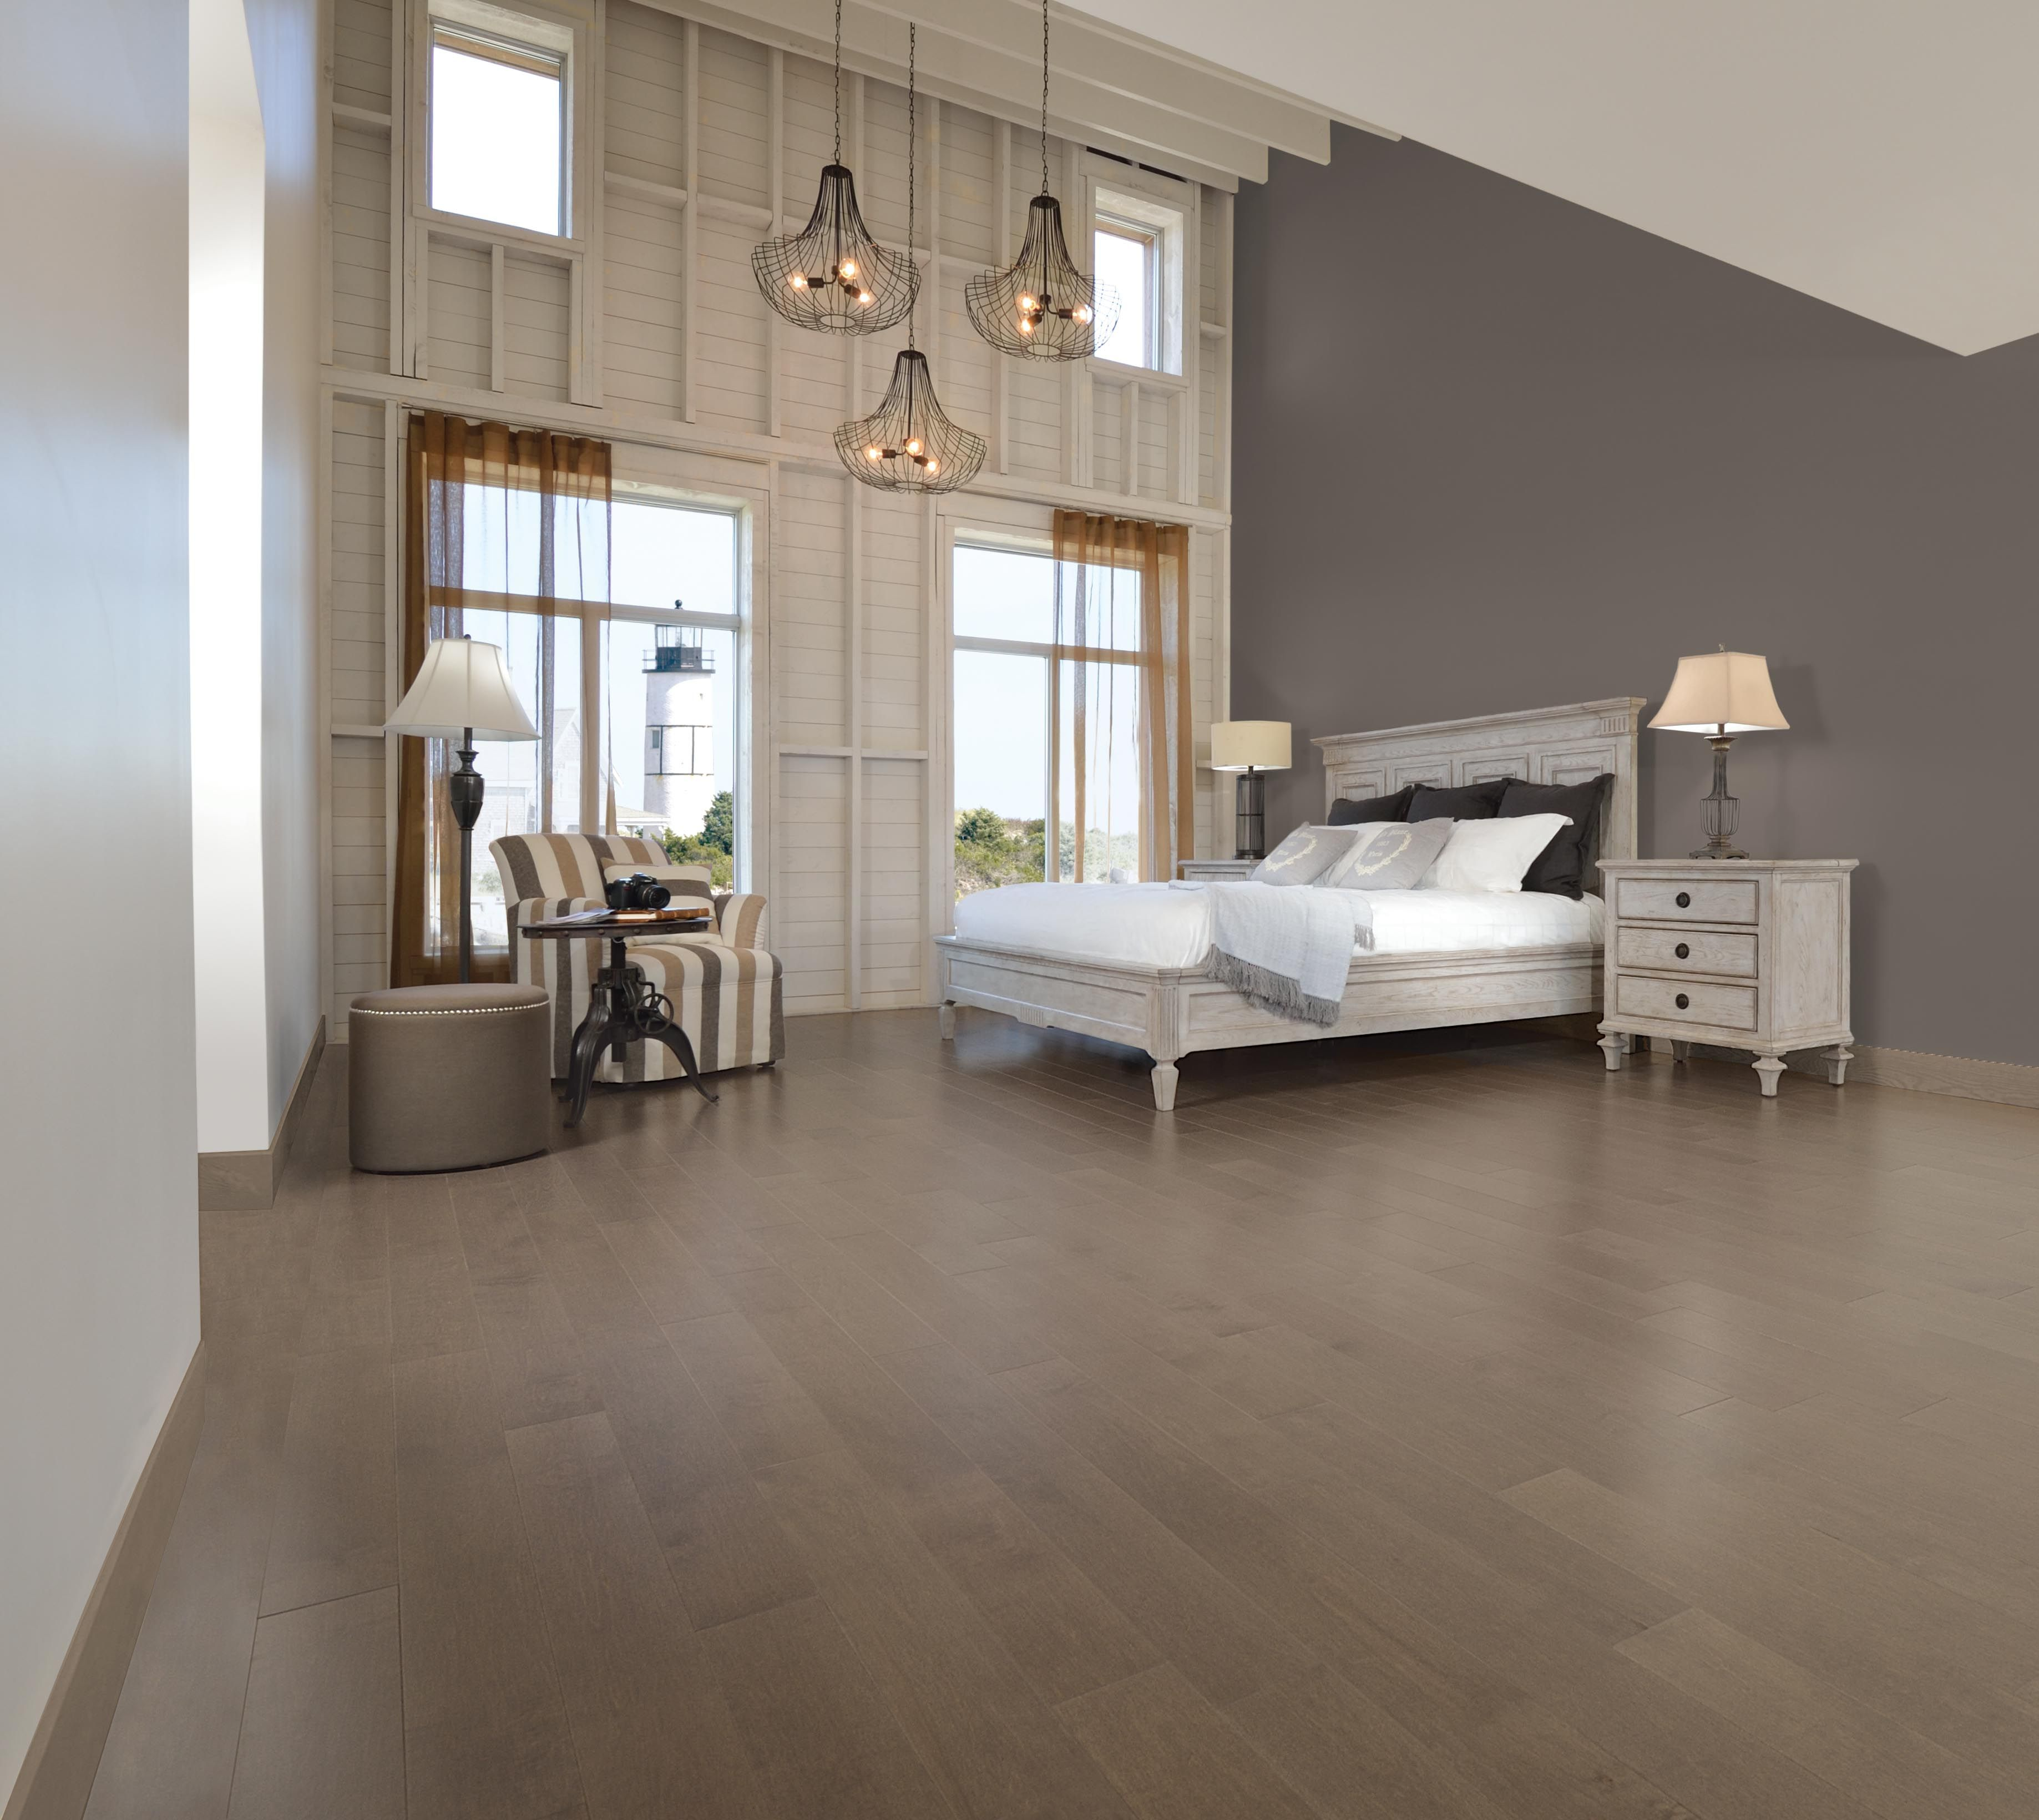 mirage wood floors  hardwood semi gloss 325  425